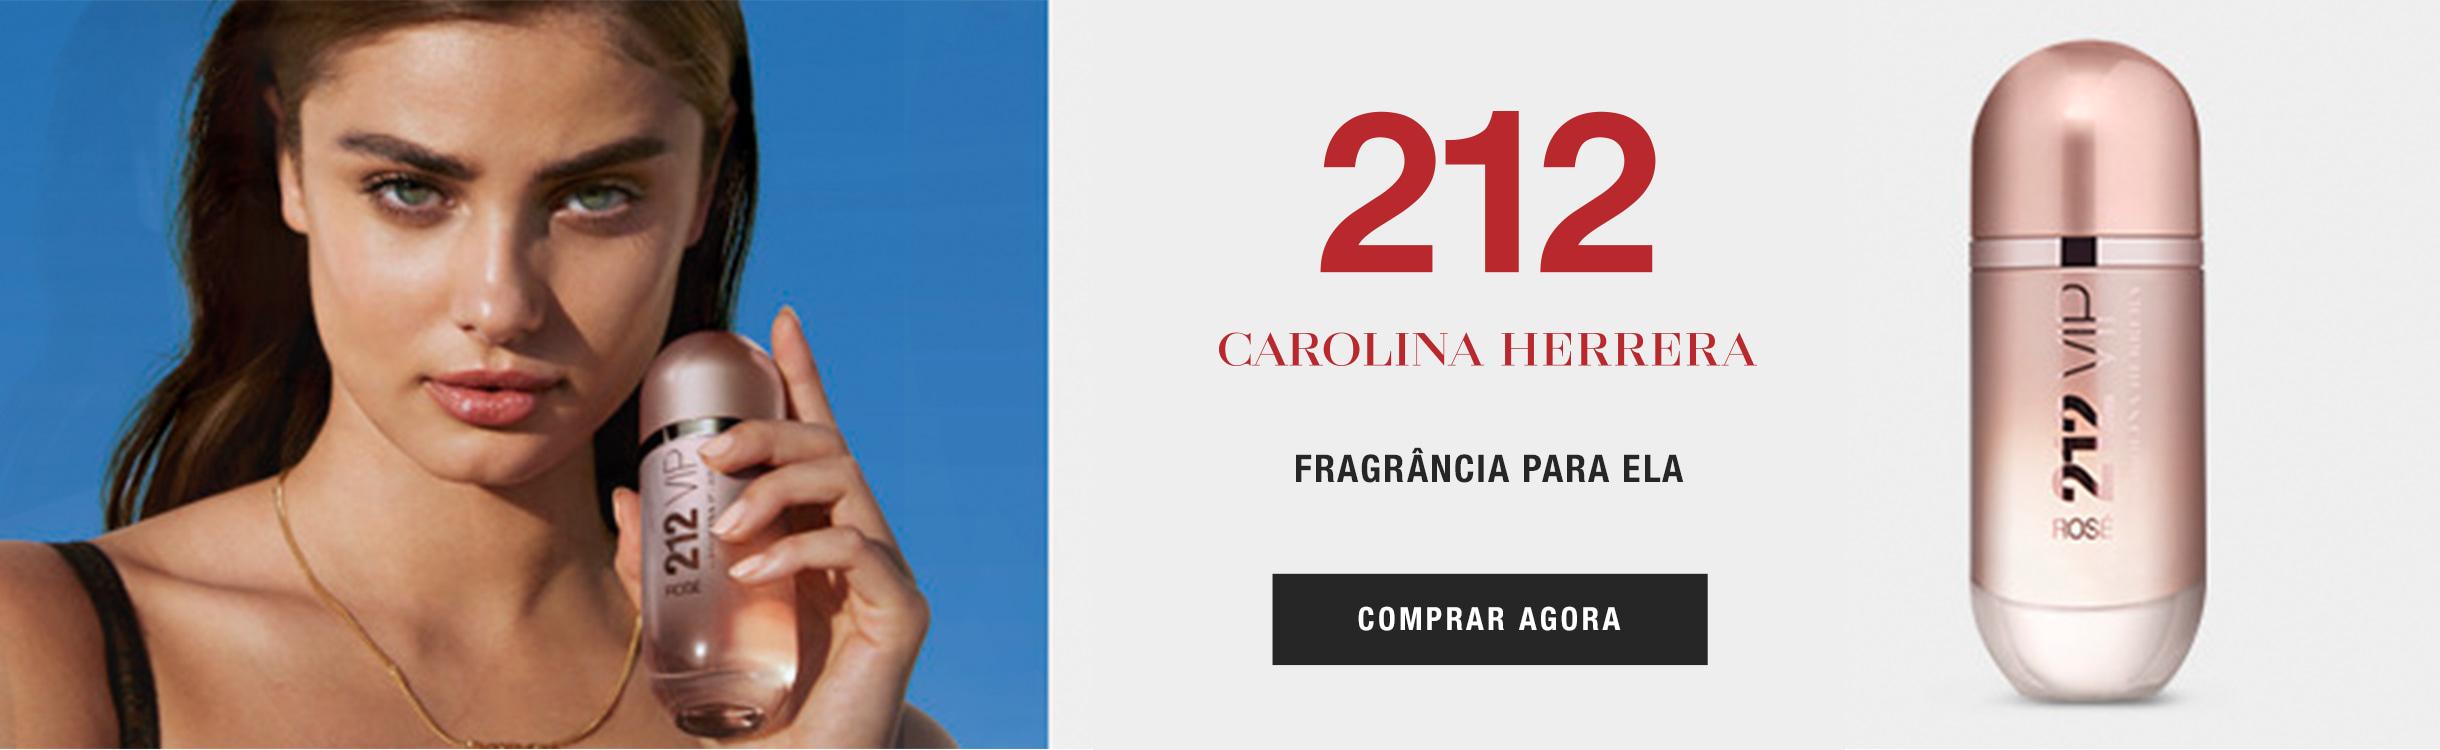 Hidratante Carolina Herrera